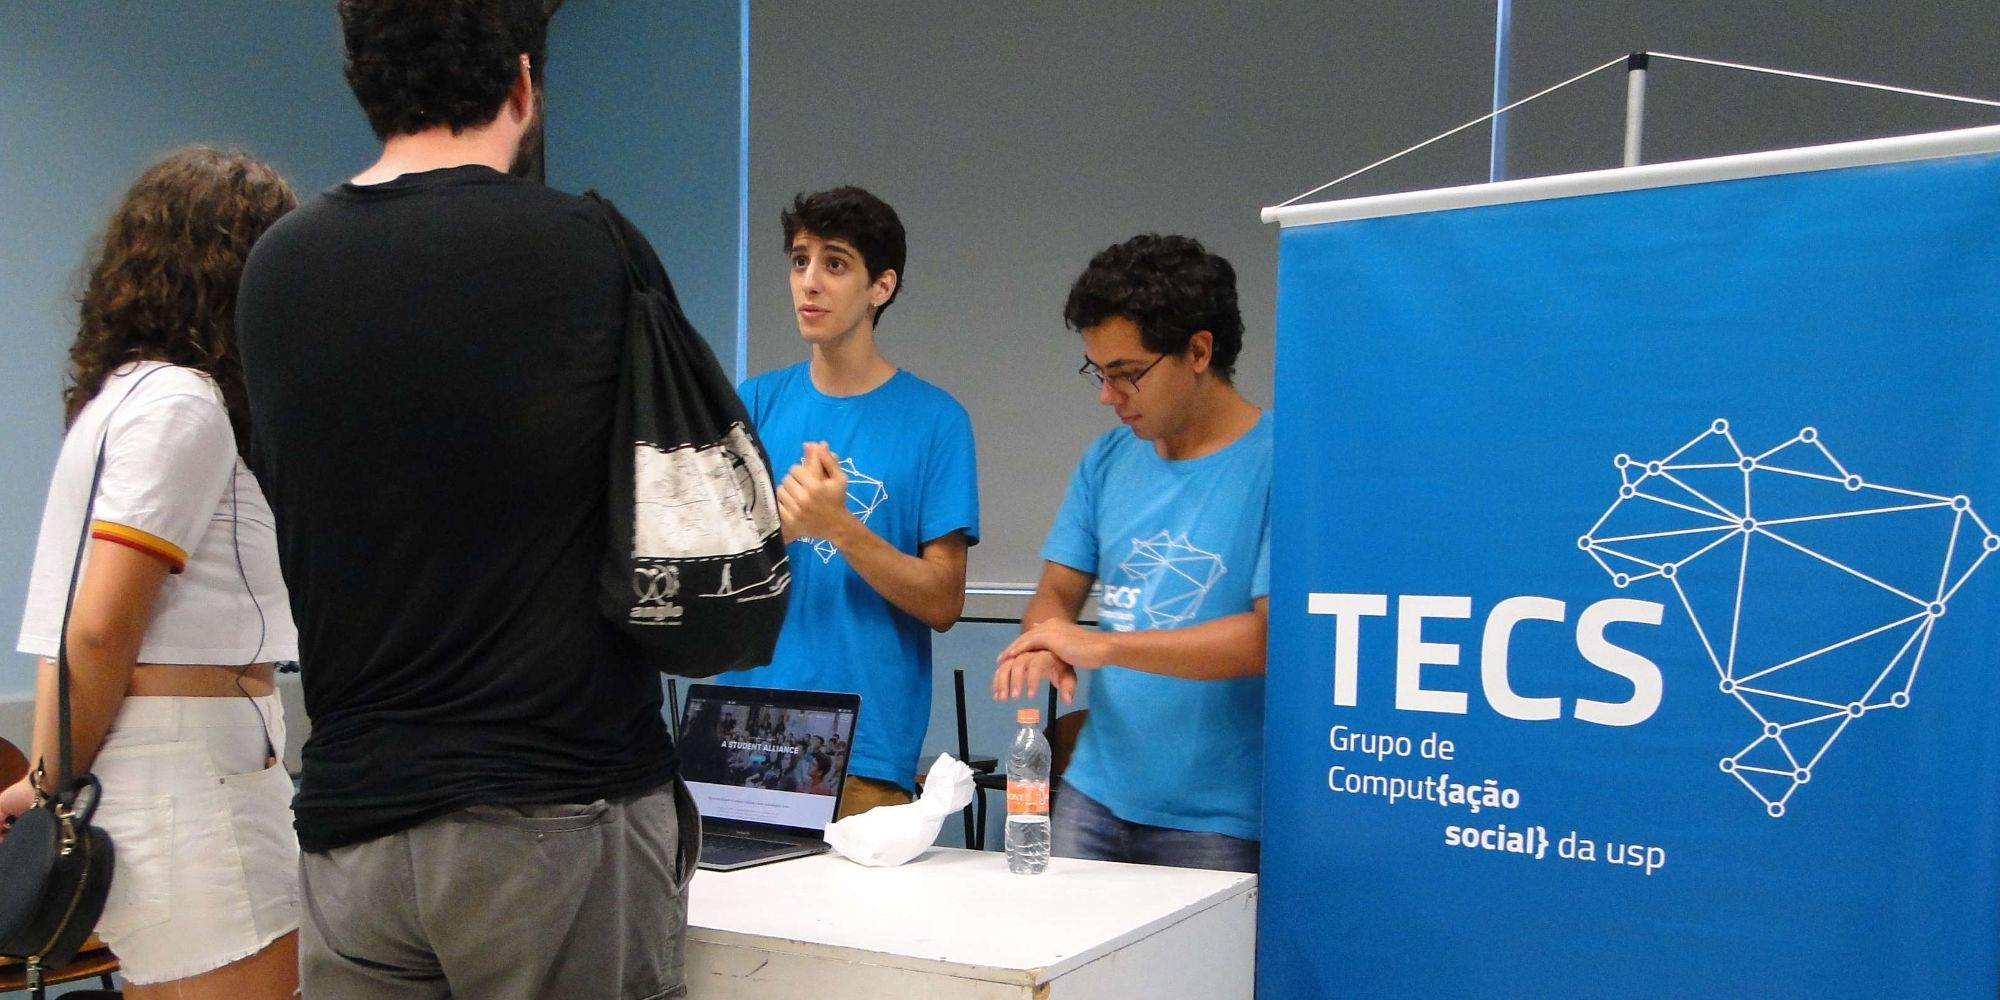 Dois integrantes do Tecs (com a camiseta do grupo) apresentam o grupo para duas pessoas. Entre os dois grupos, há uma mesa e um 'banner' do Tecs.